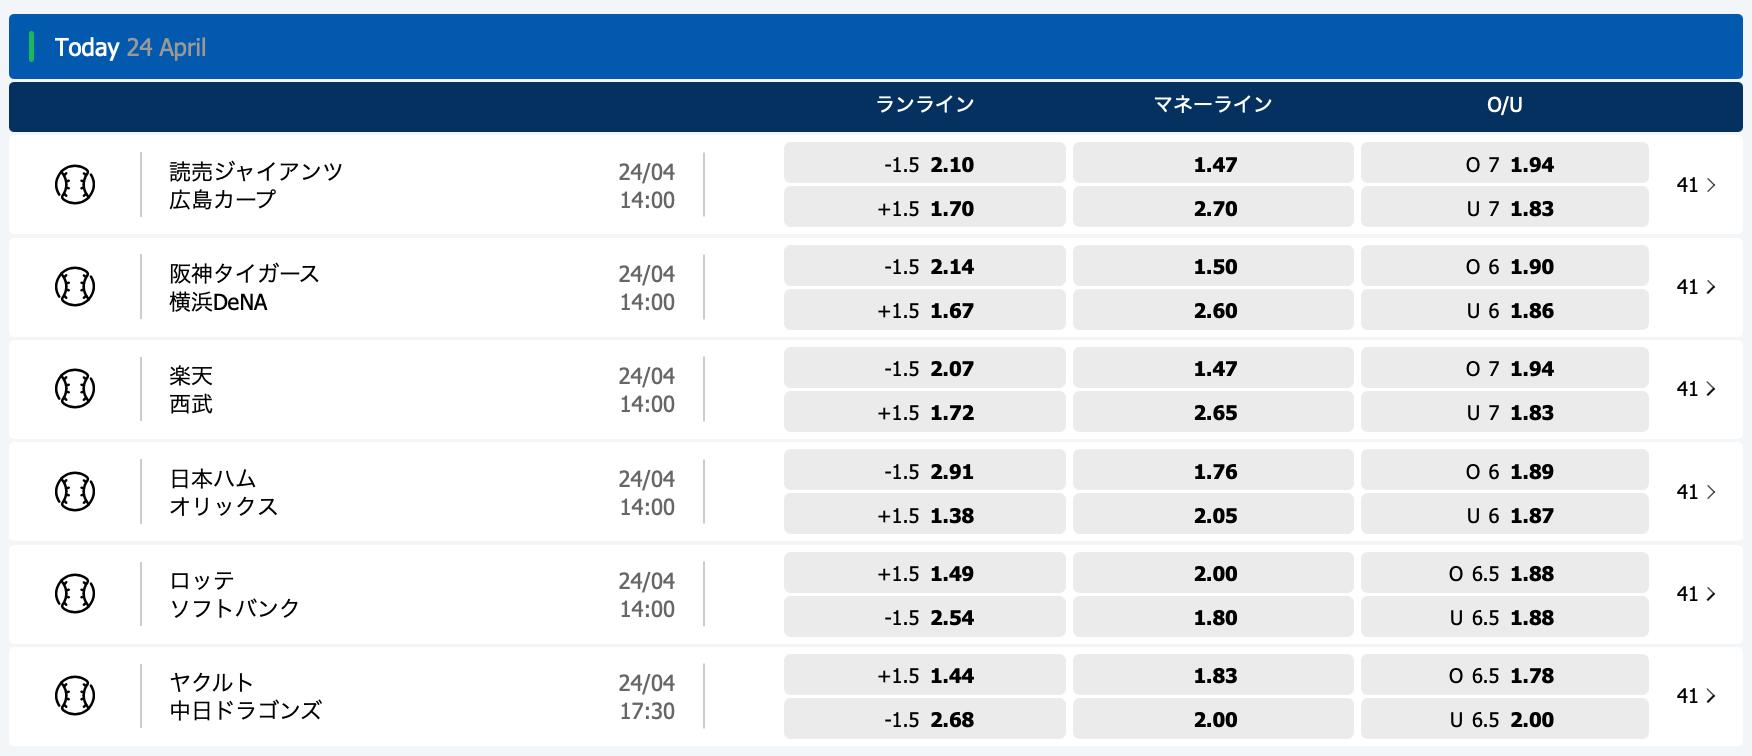 2021年4月24日プロ野球オッズ・10bet Japan